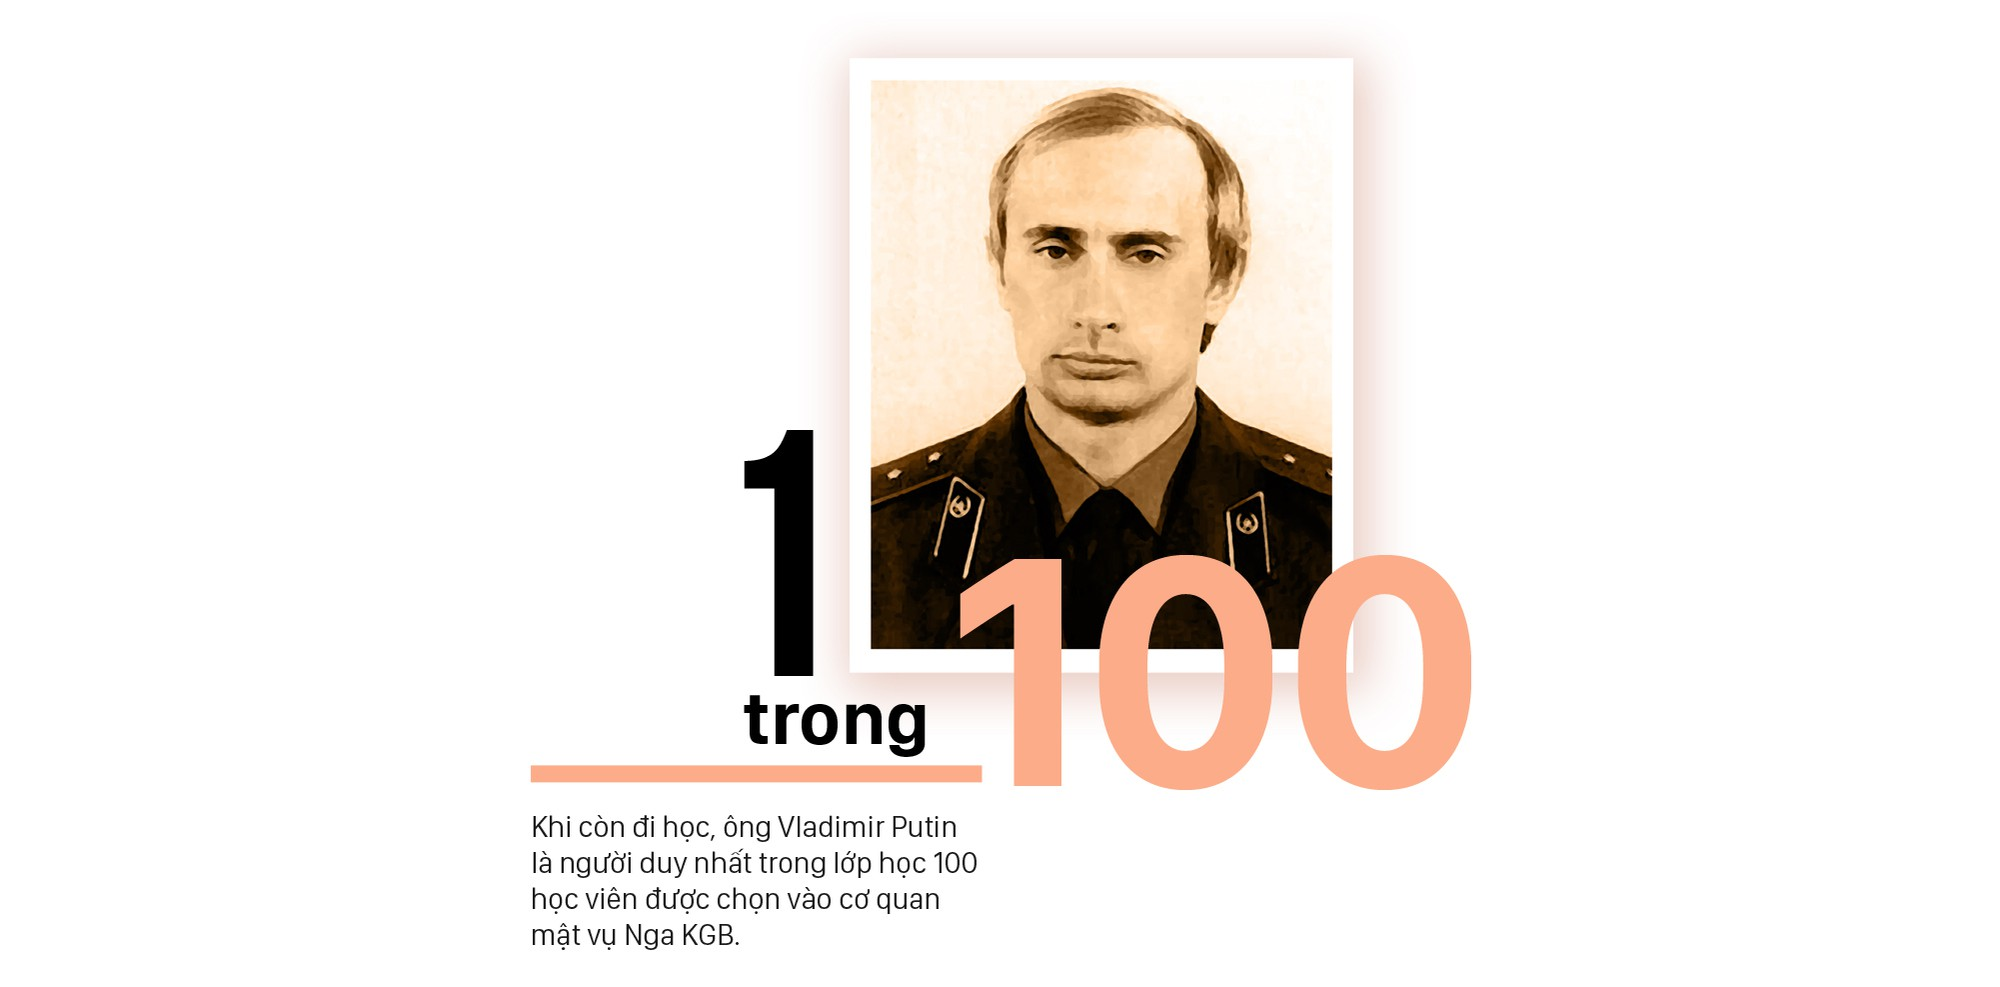 Tổng thống Nga Vladimir Putin: Chủ nhân Điện Kremlin 3 nhiệm kỳ và những con số đáng nể - Ảnh 1.